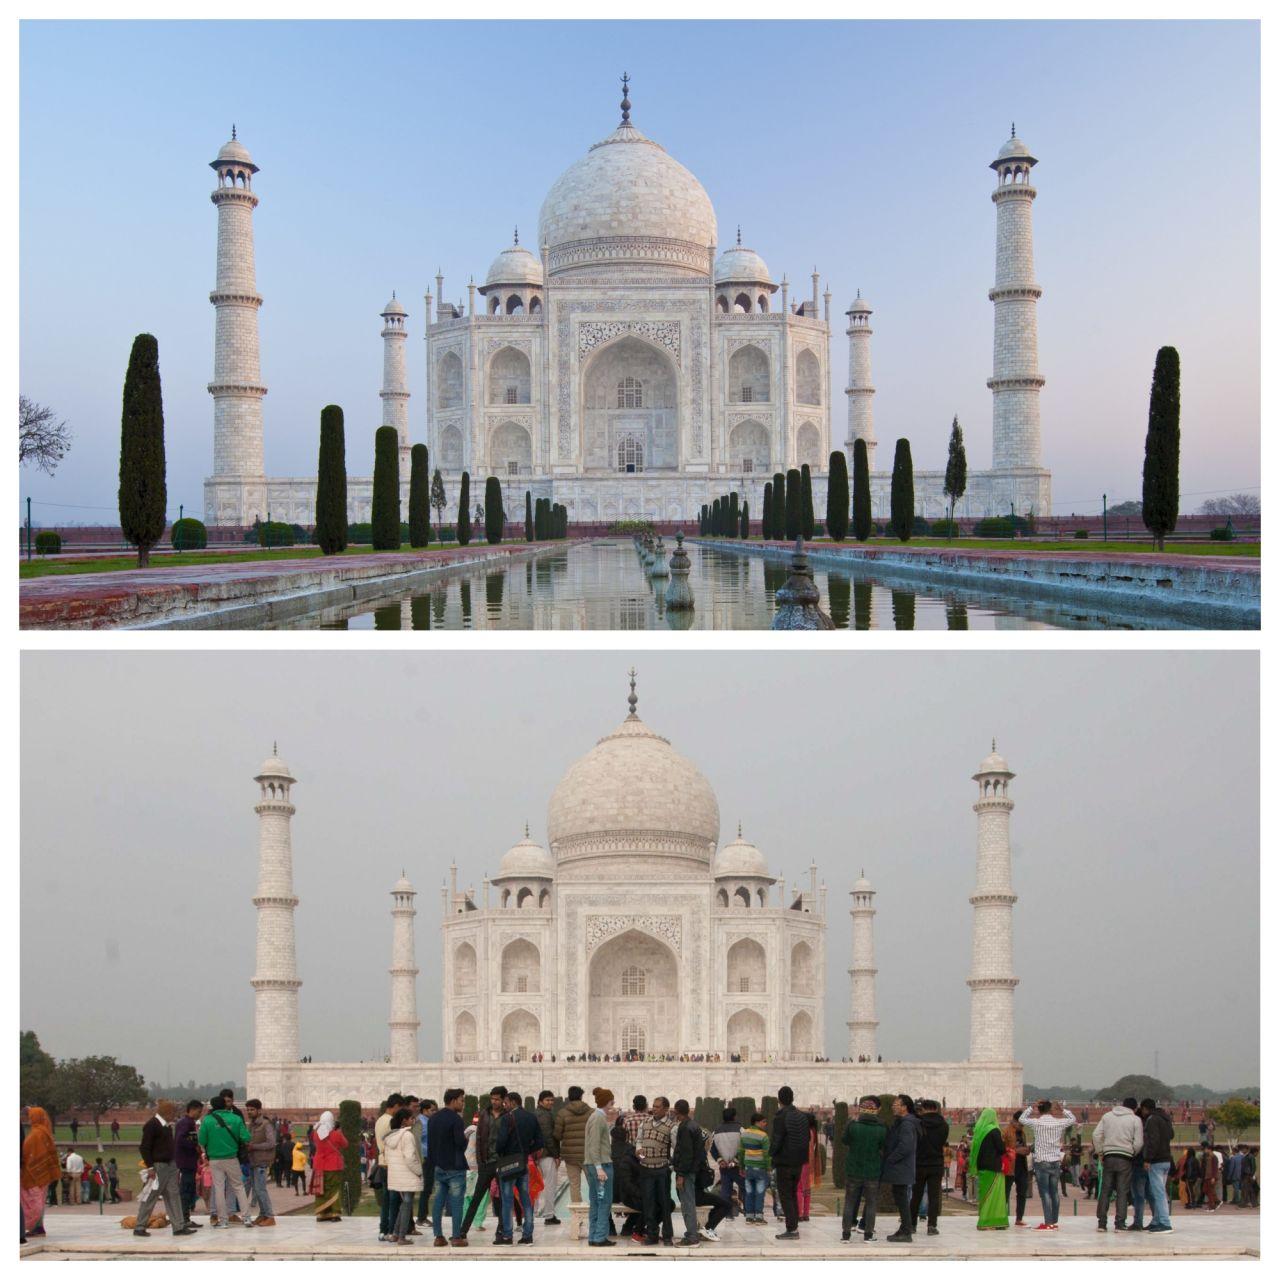 Der Taj Mahal in Indien ist sehr beliebt. Täglich besuchen Zehntausende das Grabmahl - das war vor Corona.